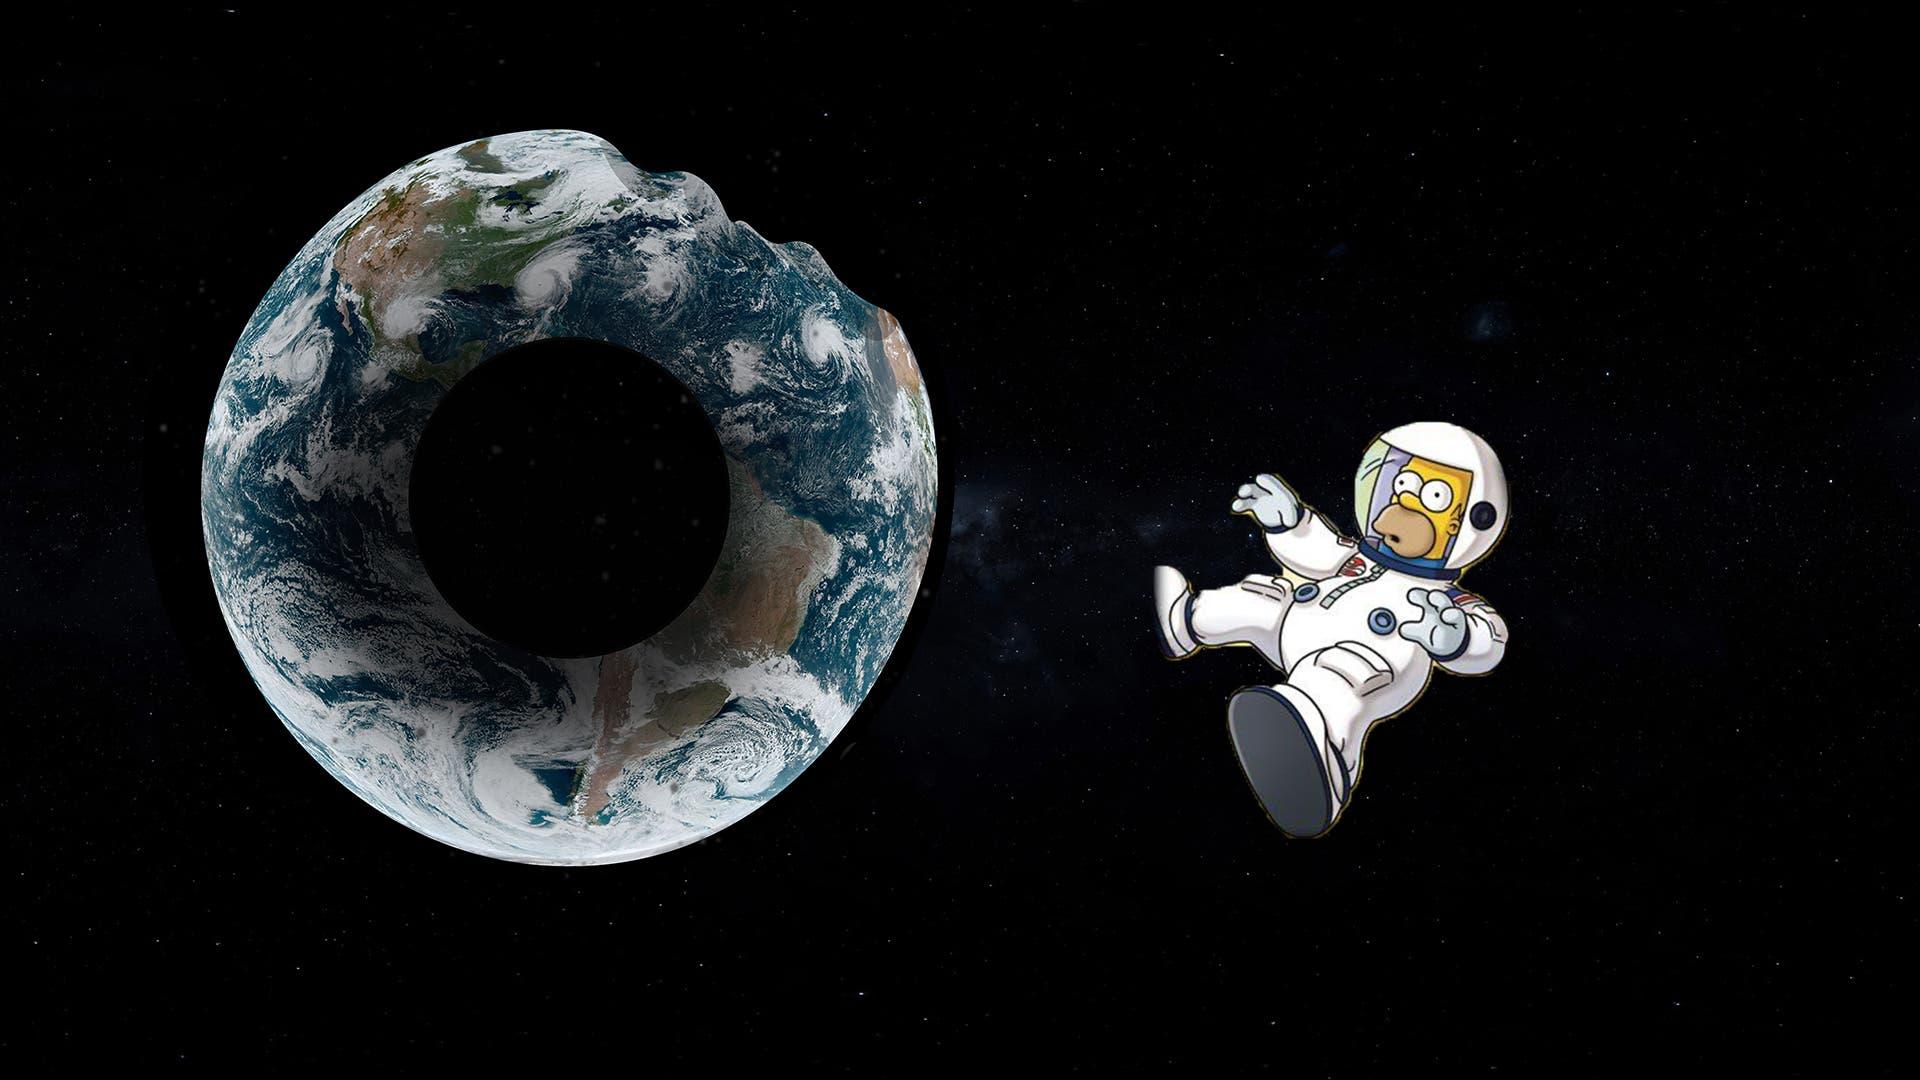 Это Гомер Симпсон... он видит вместо планеты пончик.